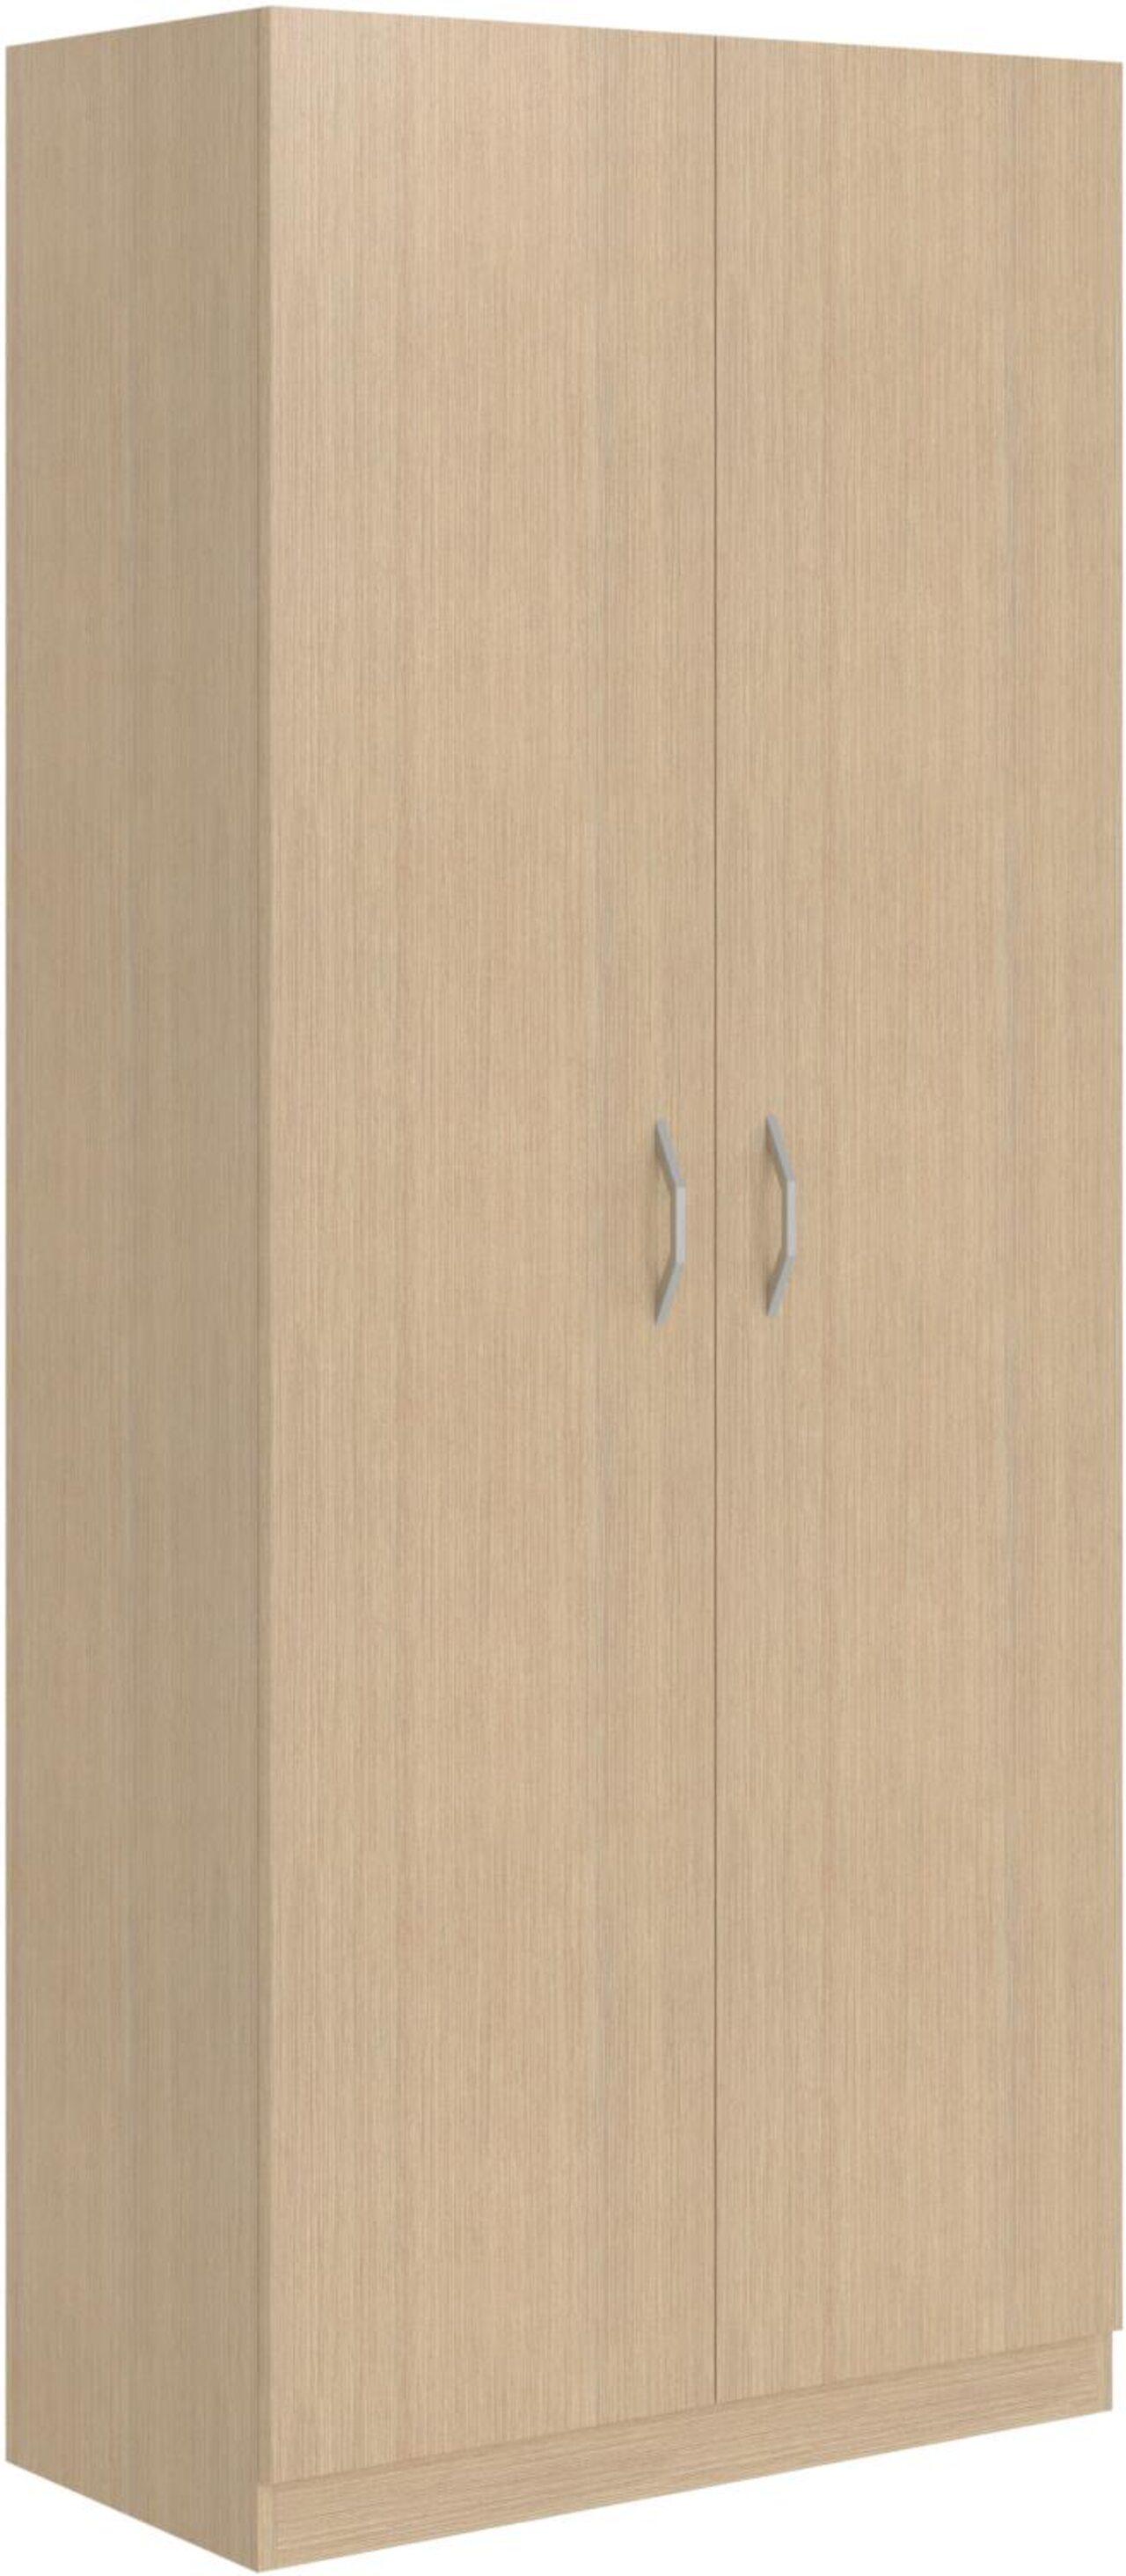 Шкаф широкий  Simple 77x38x182 - фото 1